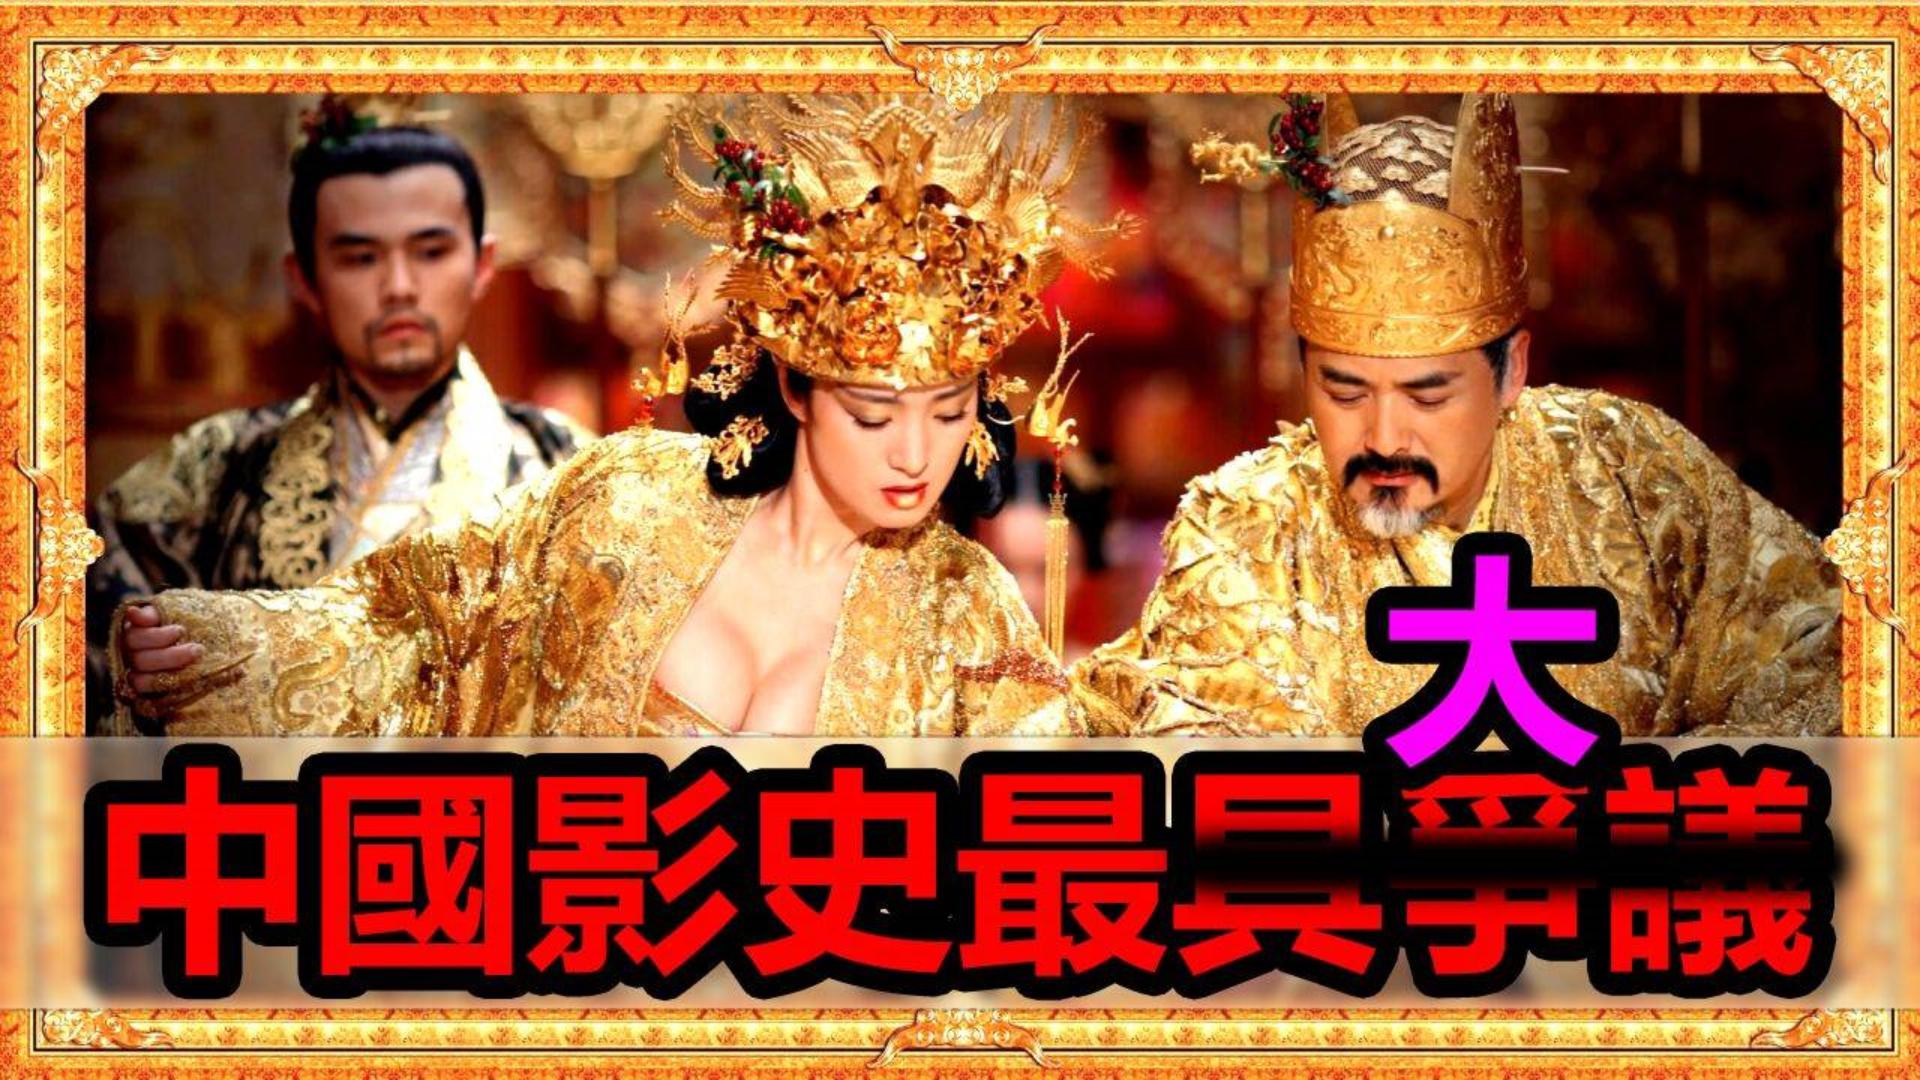 """中国影史最""""大""""电影,有容乃大,27分钟魔改《满城尽带黄金甲》"""